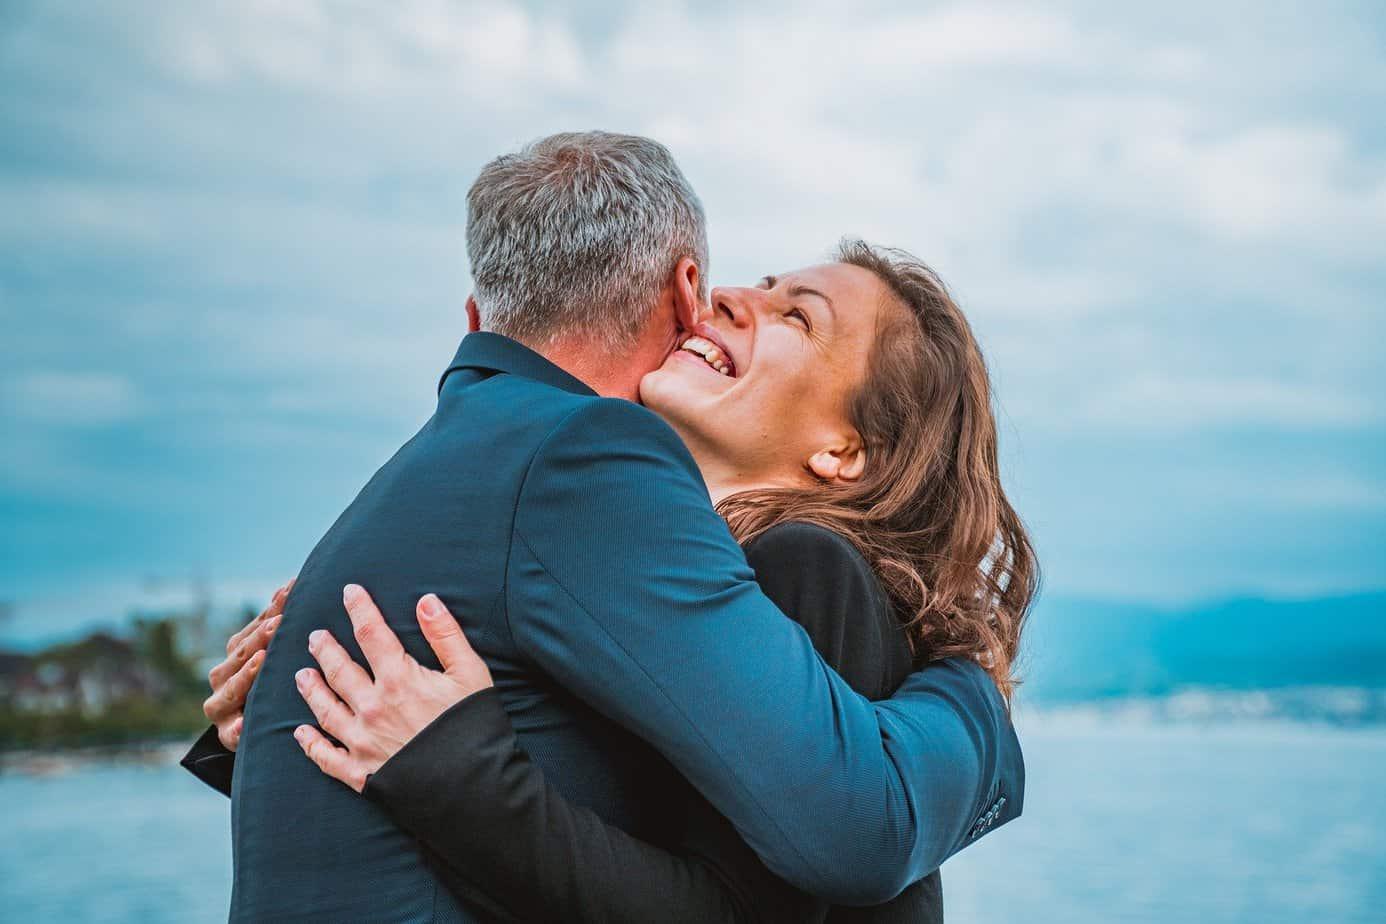 Relation platonique : magie et avantages d'un amour vertueux